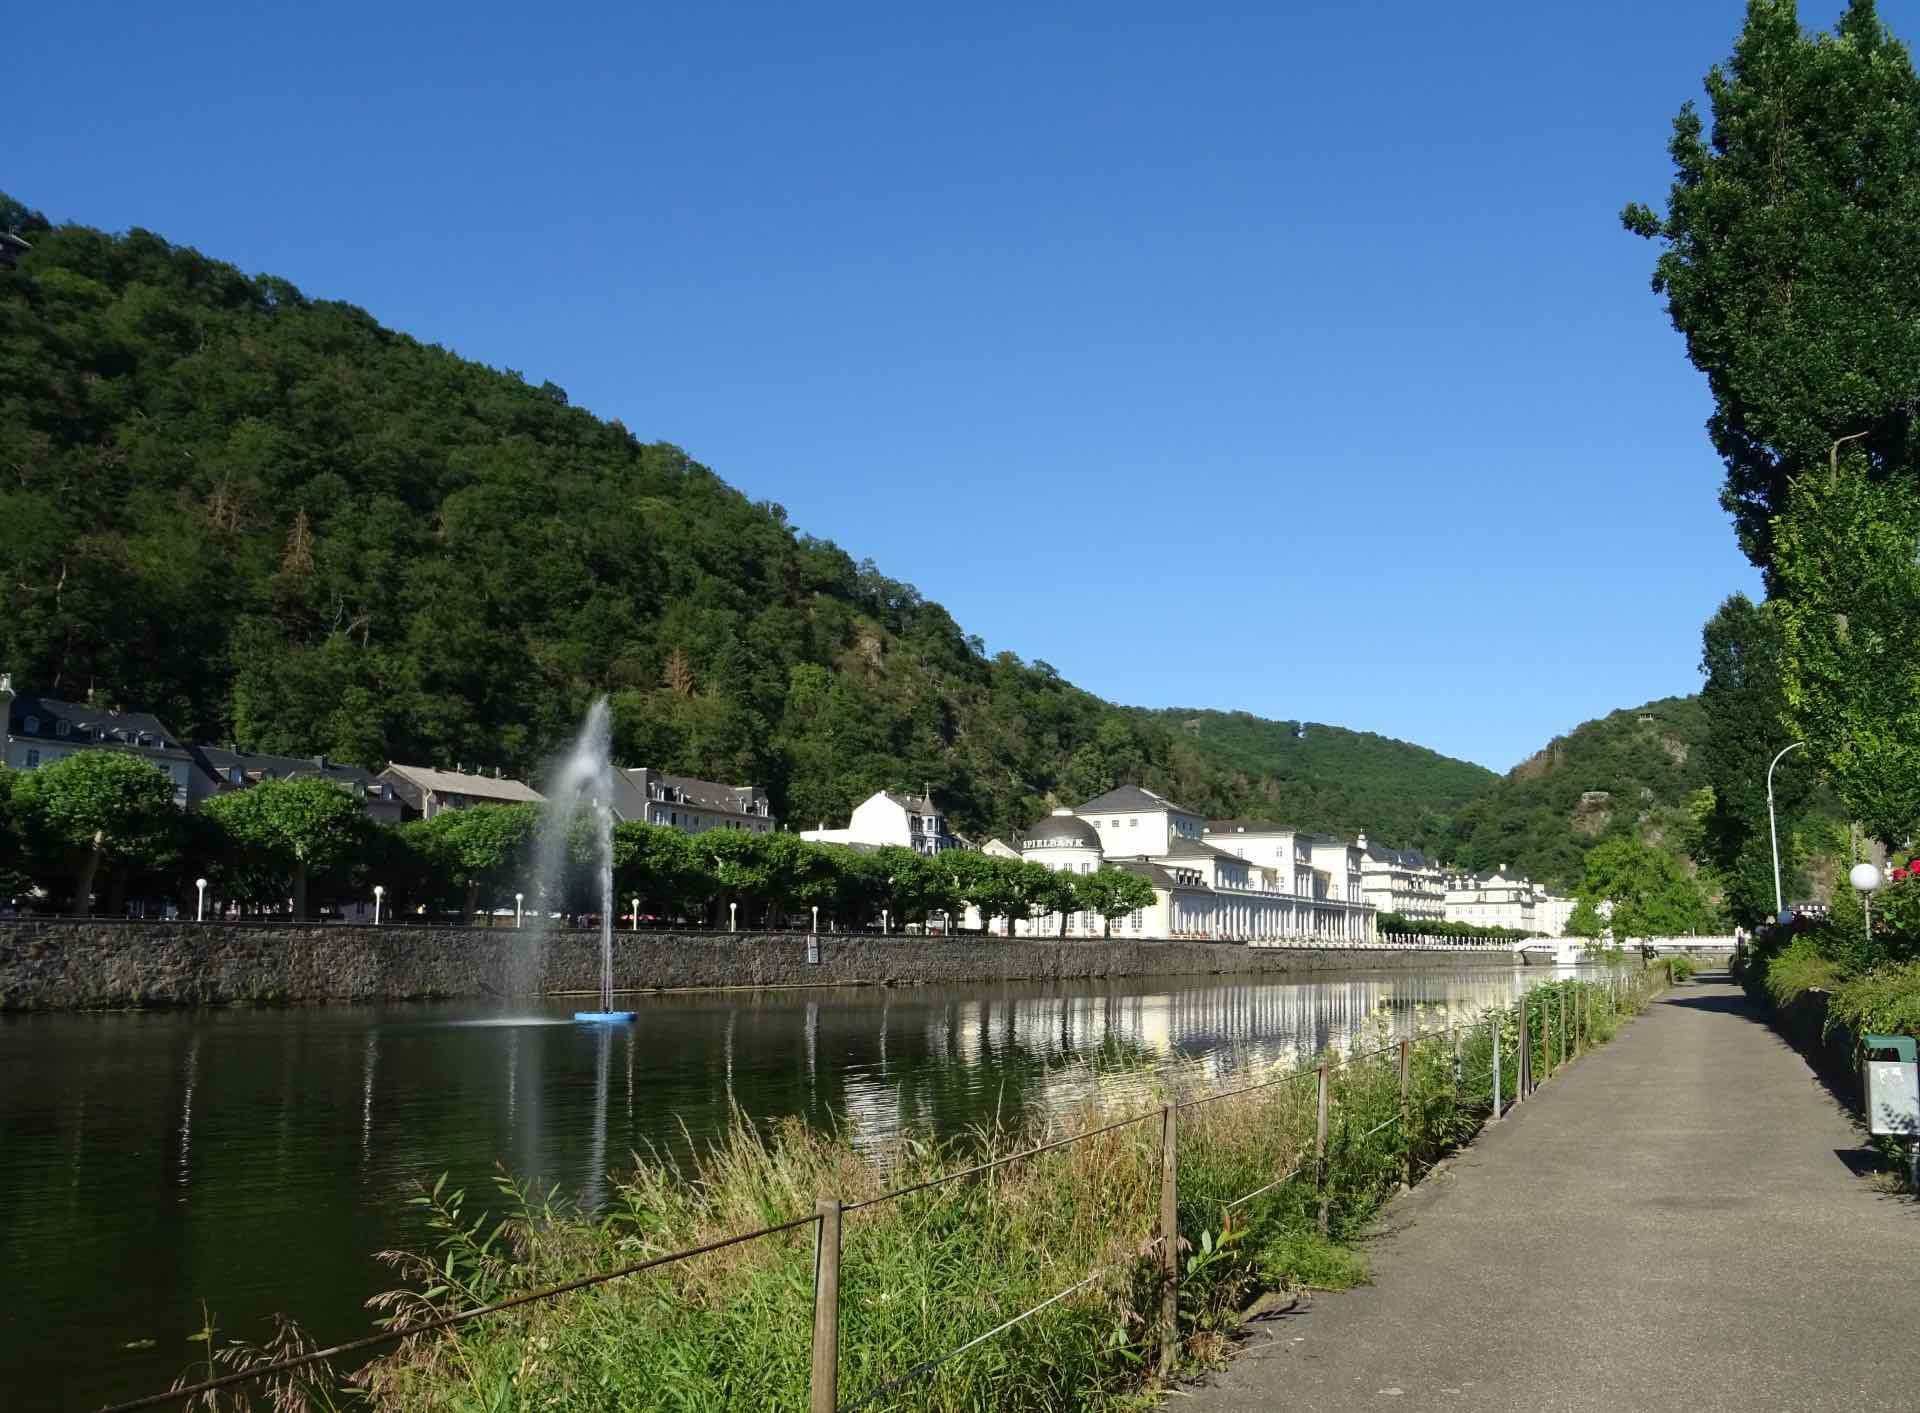 Bad Ems aan de rivier de Lahn